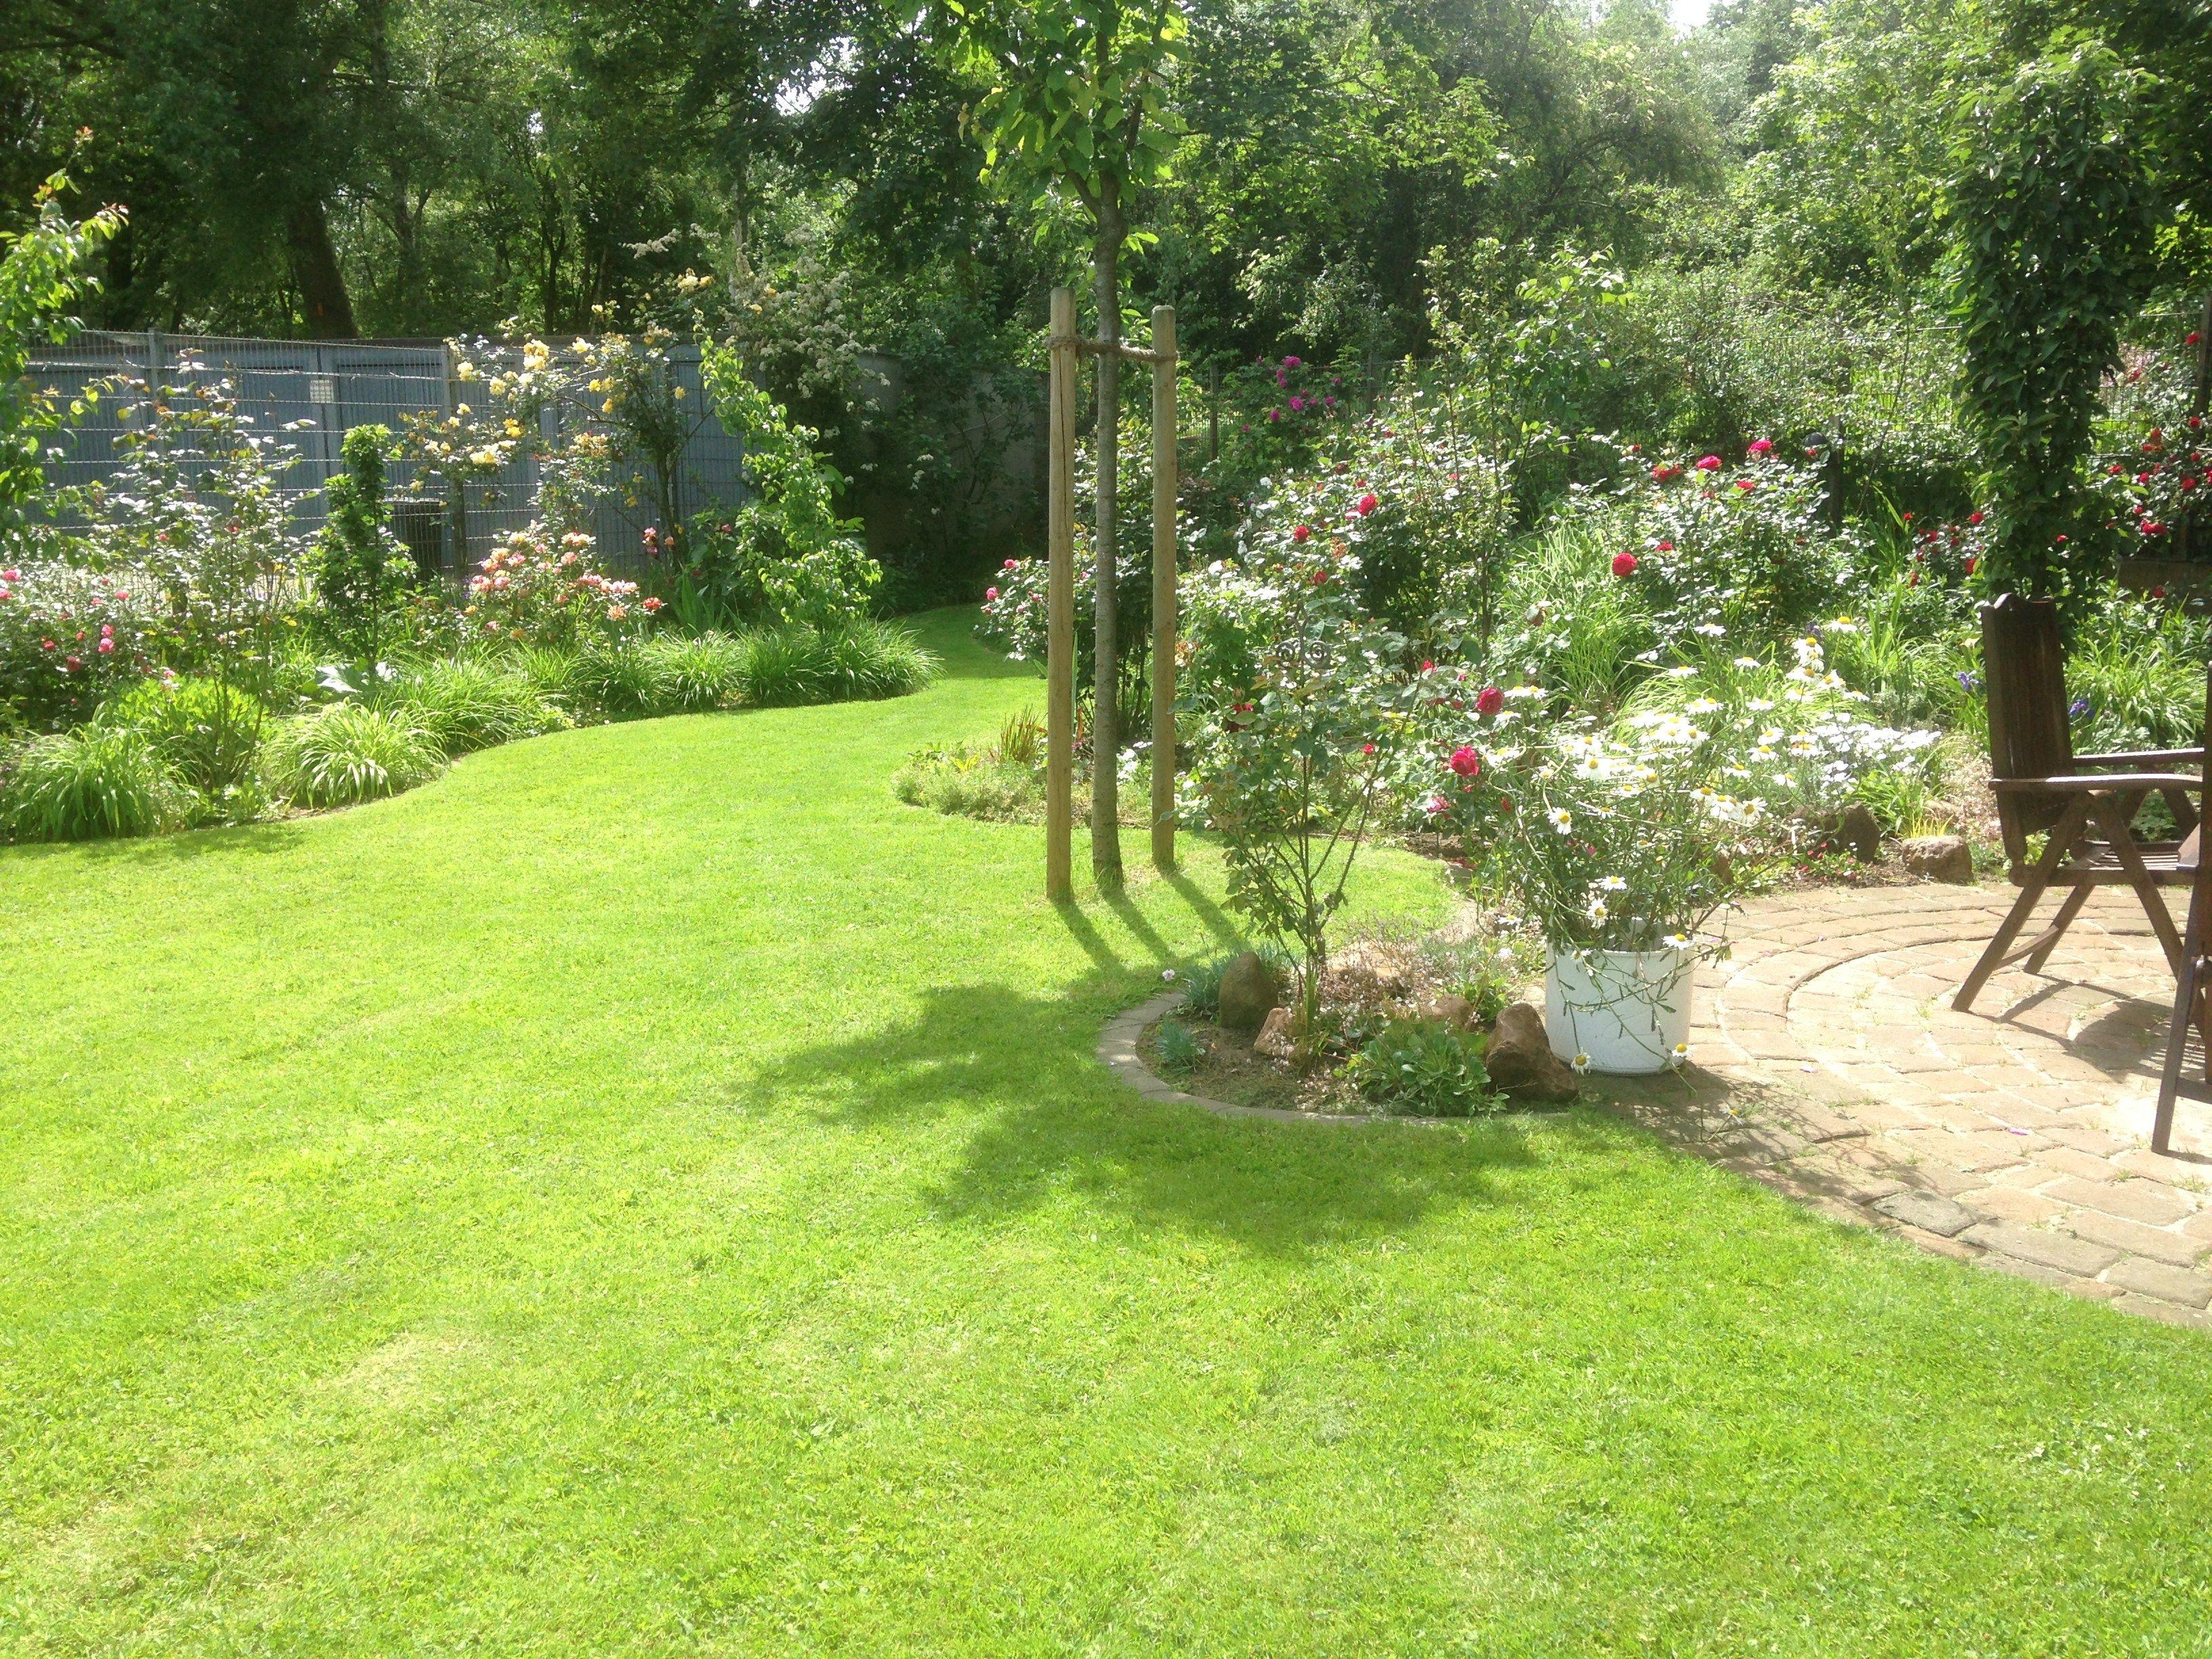 Wunderbar Pflegeleichter Garten Ohne Rasen Foto Von Rasenkantensteine Leicht Und Einfach Verlegen / Pflanzbeete